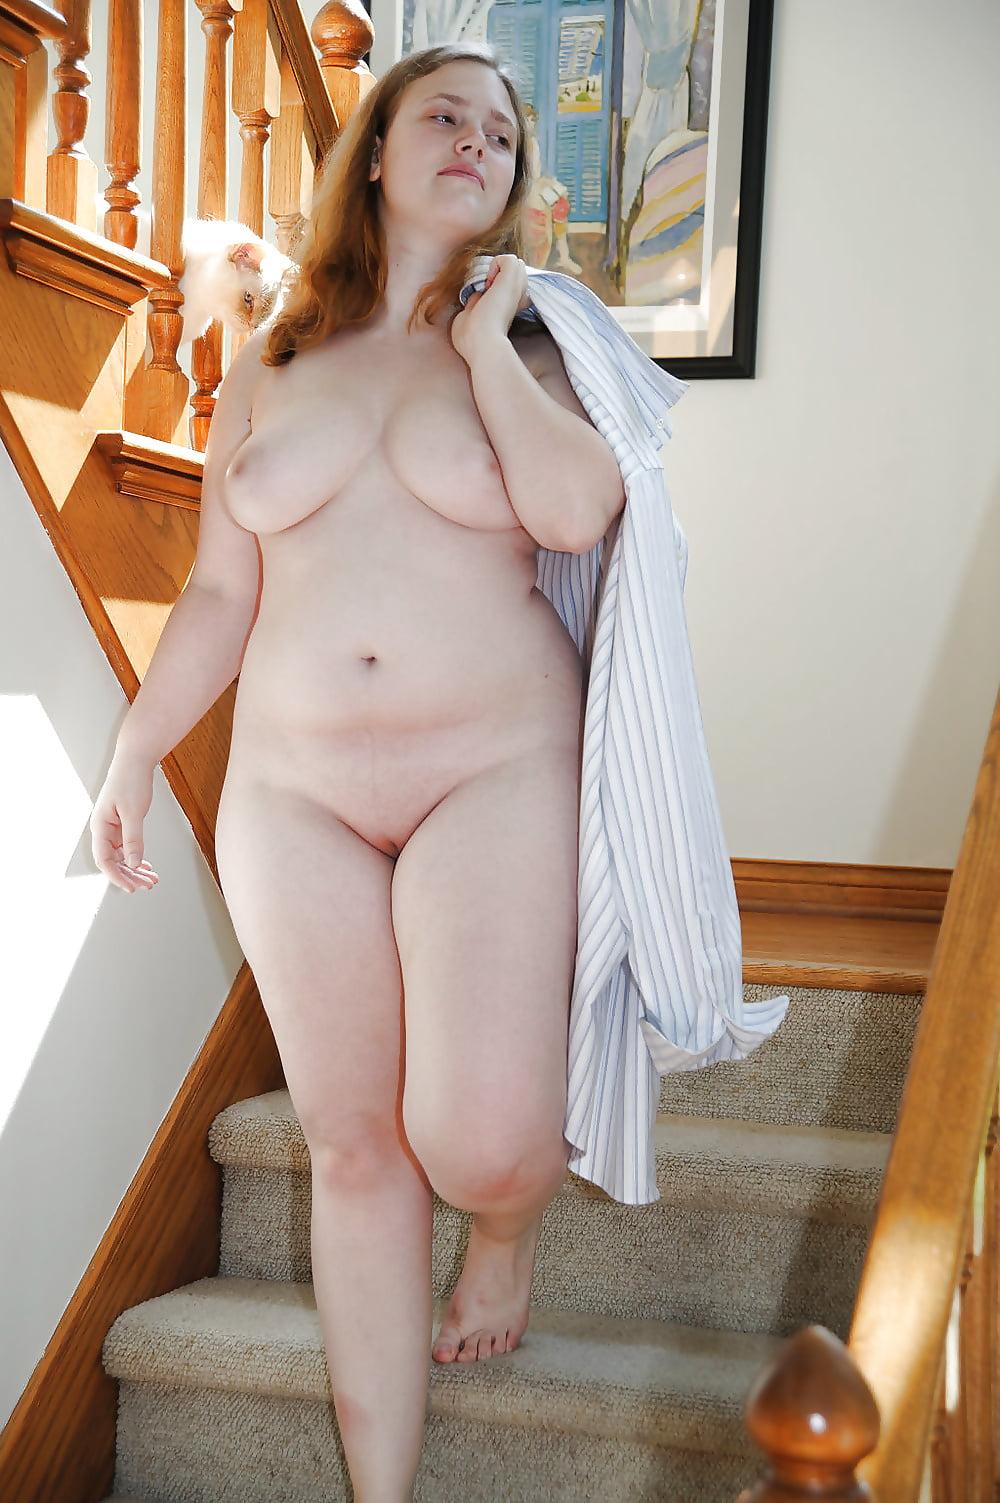 Chubby girls pics